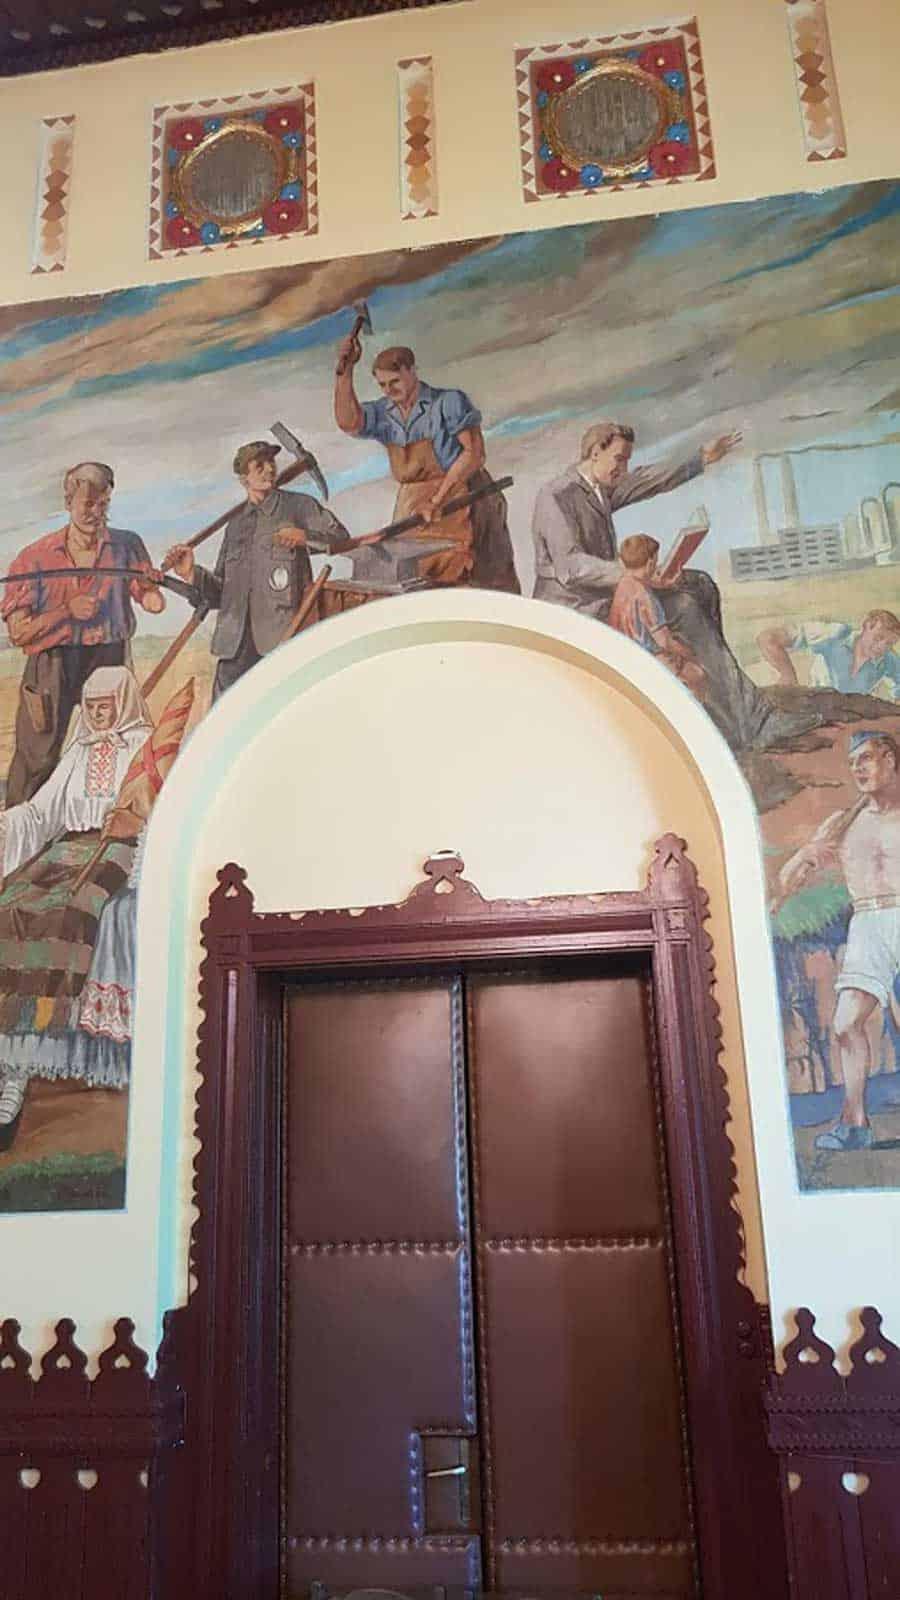 POSLE CRKAVA, SOCREALISTIČKA ESTETIKA: Svečana sala Gradske kuće u Apatinu